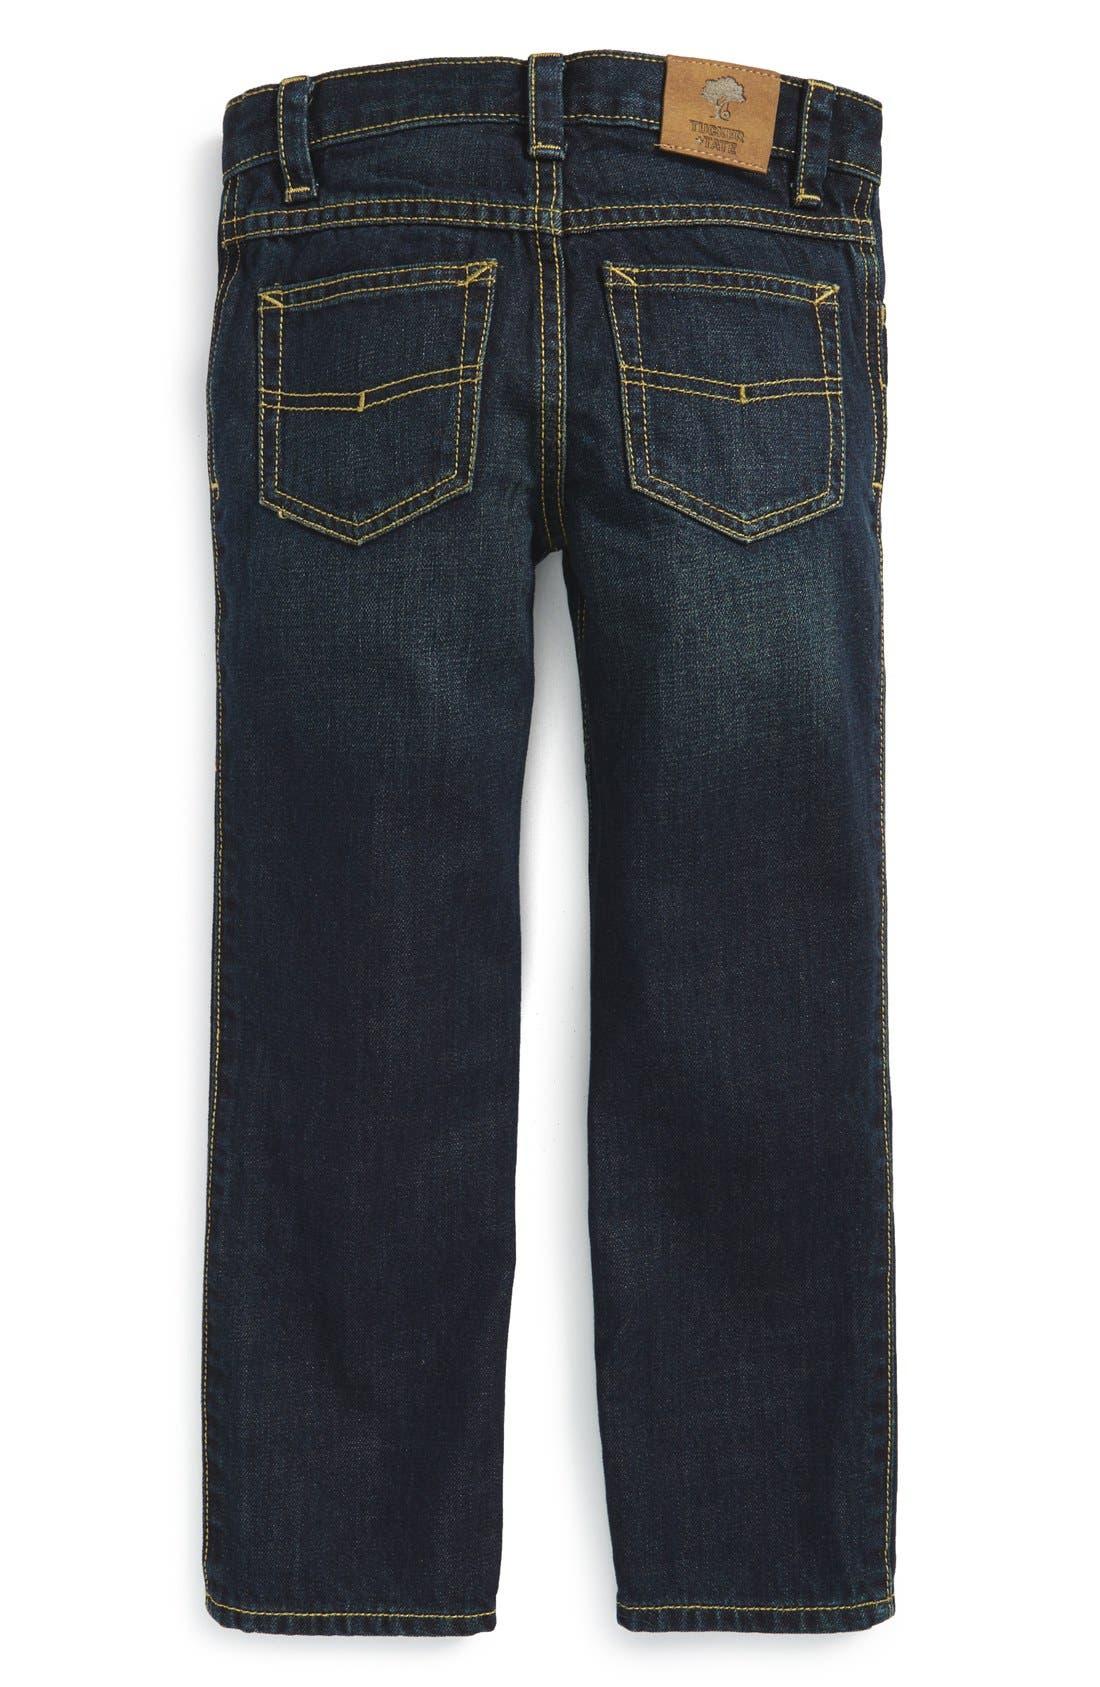 Alternate Image 2  - Tucker + Tate 'Townsend' Straight Leg Jeans (Toddler Boys & Little Boys)